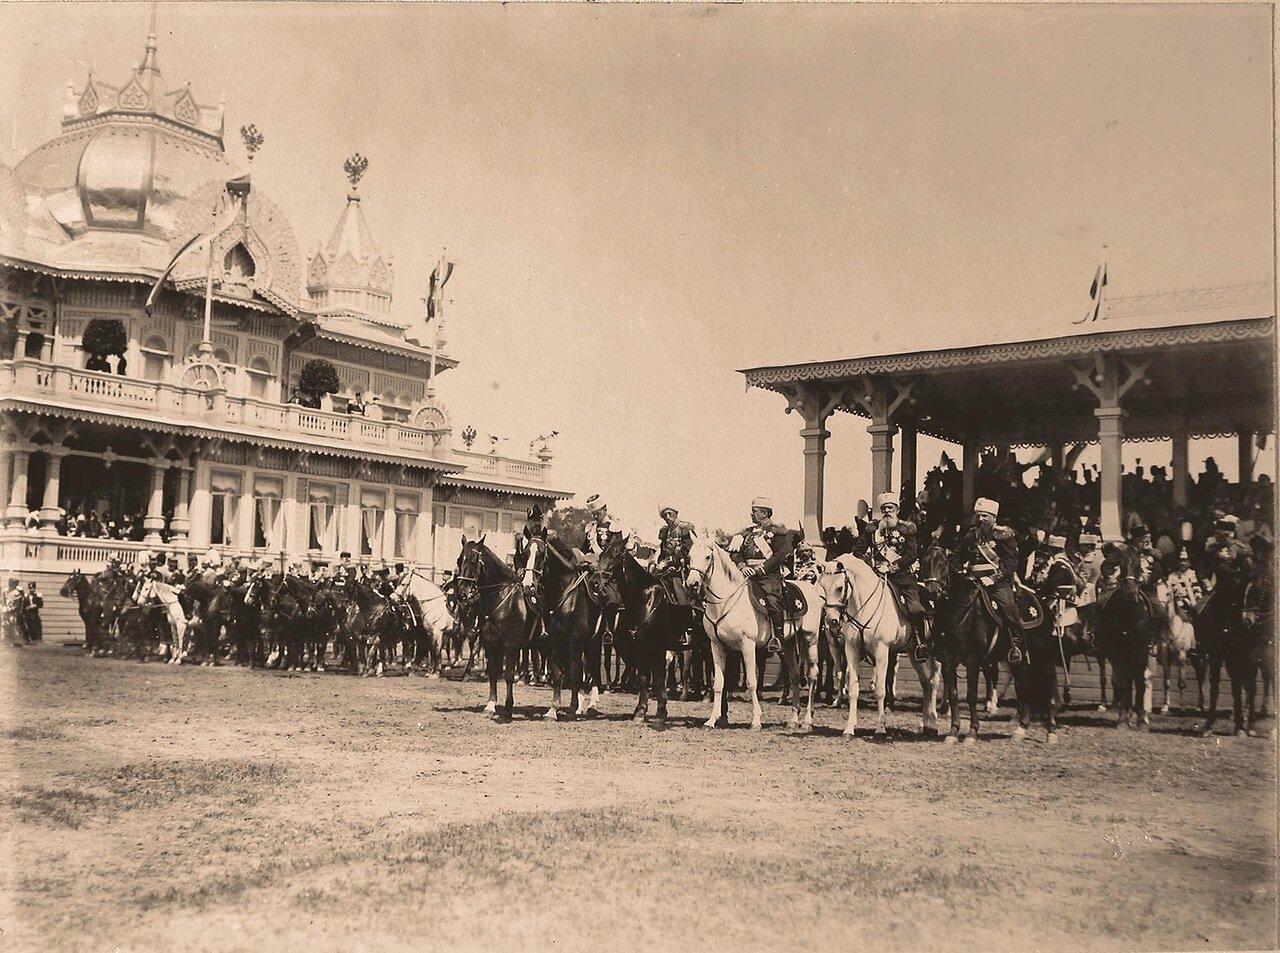 Группа генералов свиты императора у гостевых трибун для лиц дипломатического корпуса перед началом парада на Ходынском поле; слева крайний - великий князь Алексей Александрович